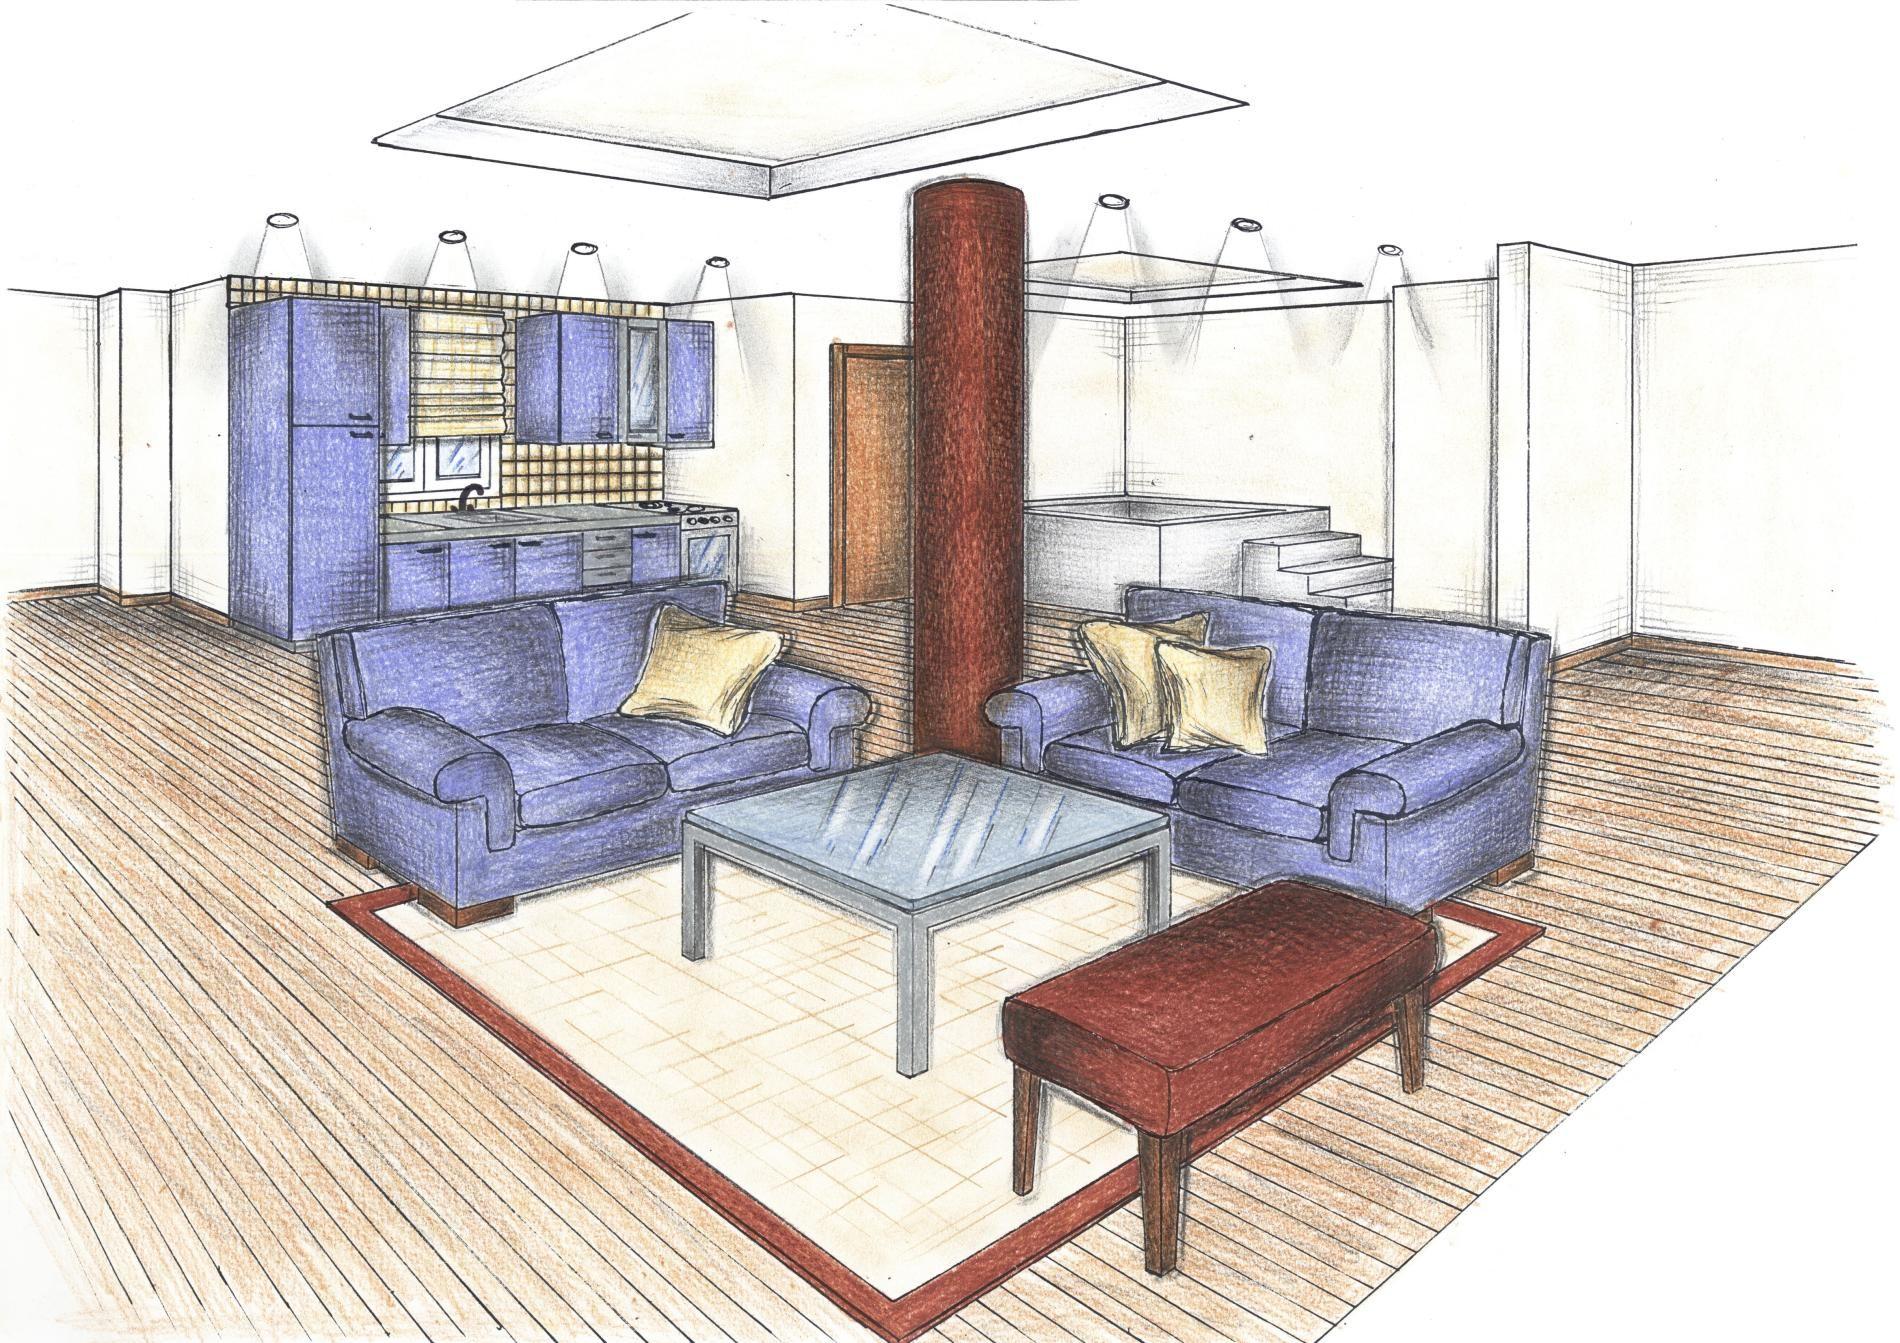 esplora queste idee e molte altre - Interior Design Drawings